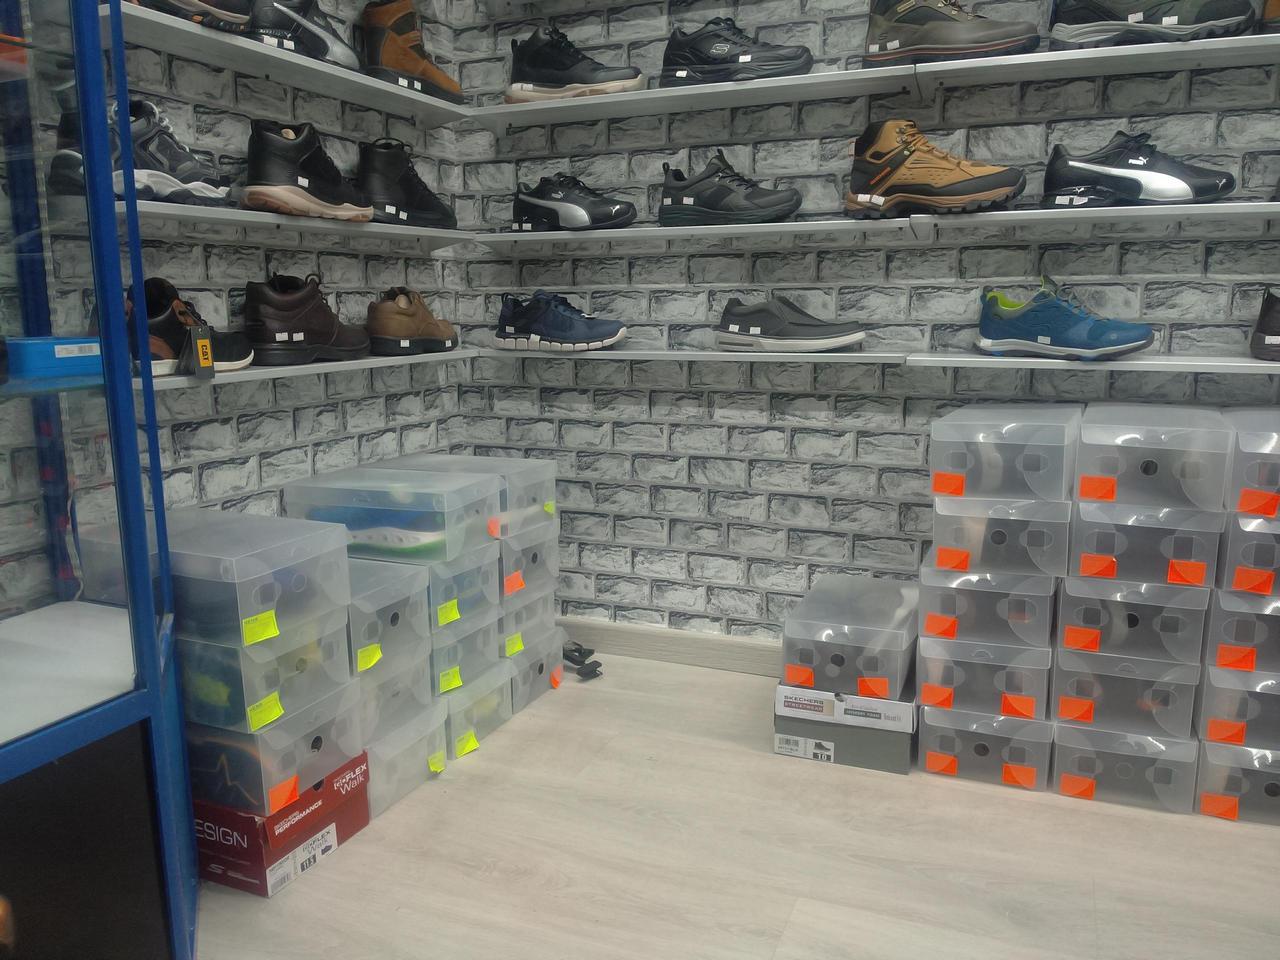 Использование пластиковых коробок для хранения и показа в обувном магазине